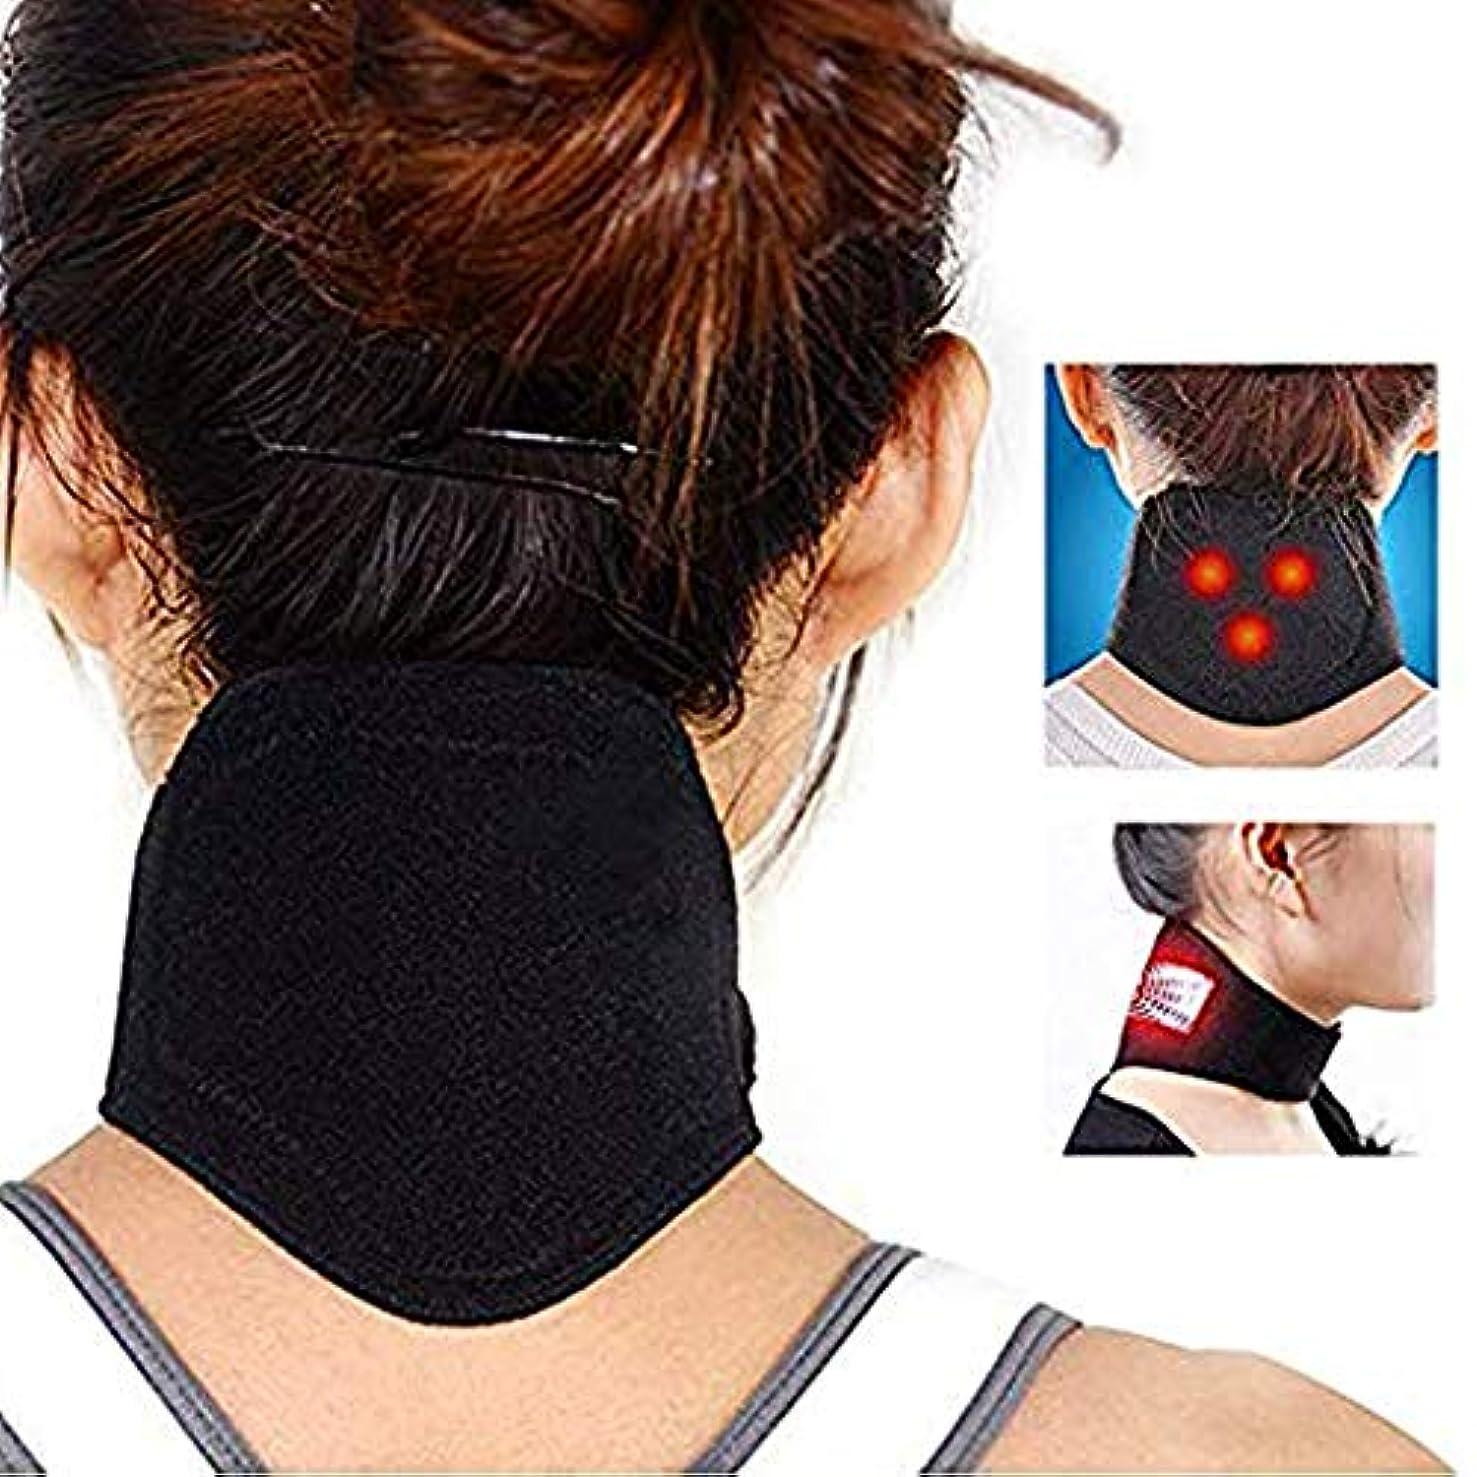 遮る保証金進むPichidr-JP ネックバックストラップ自己発熱サーマルネックパッド、疼痛緩和のための調節可能な治療装具および家庭、オ??フィス、屋外のための筋肉弛緩